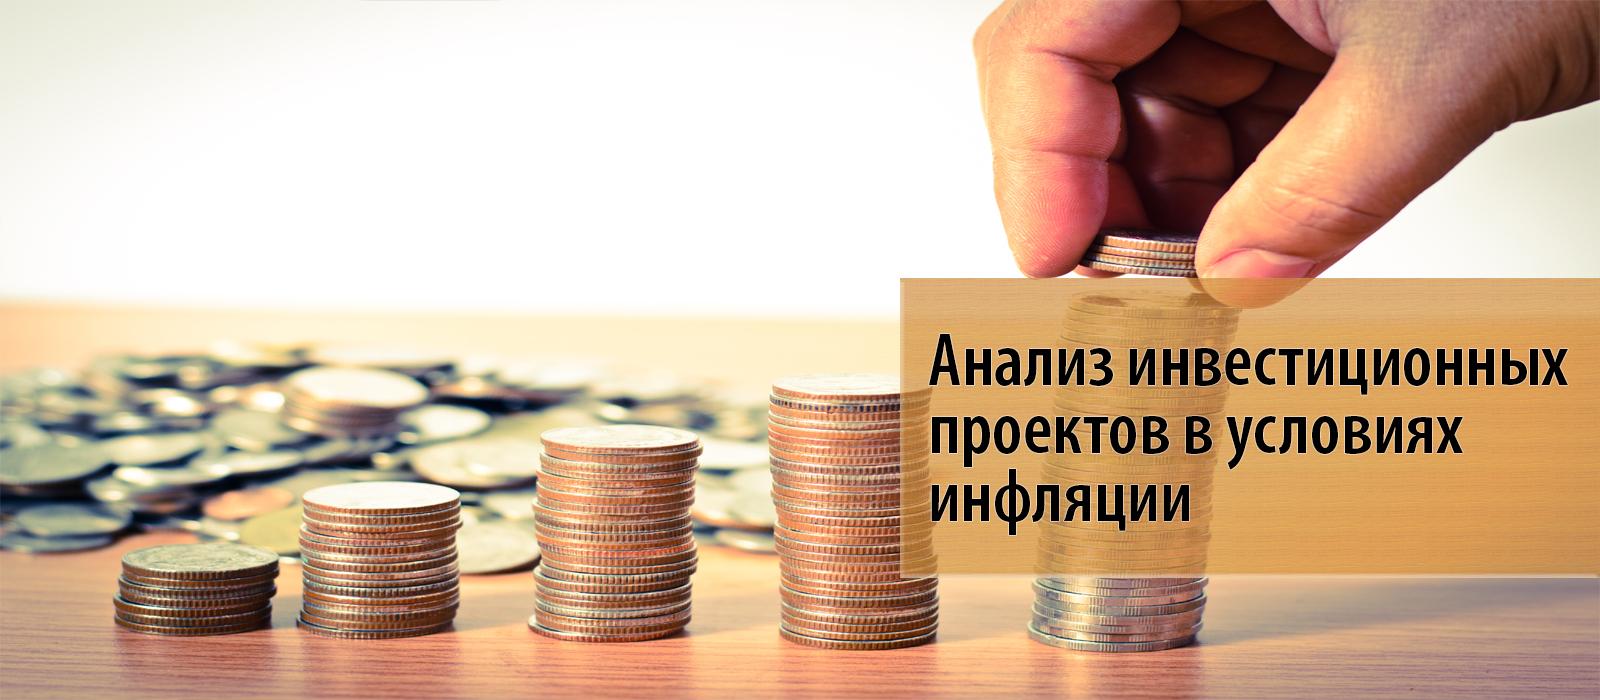 Инвестиционный проект инфляция зарабатывать деньги работая в интернете